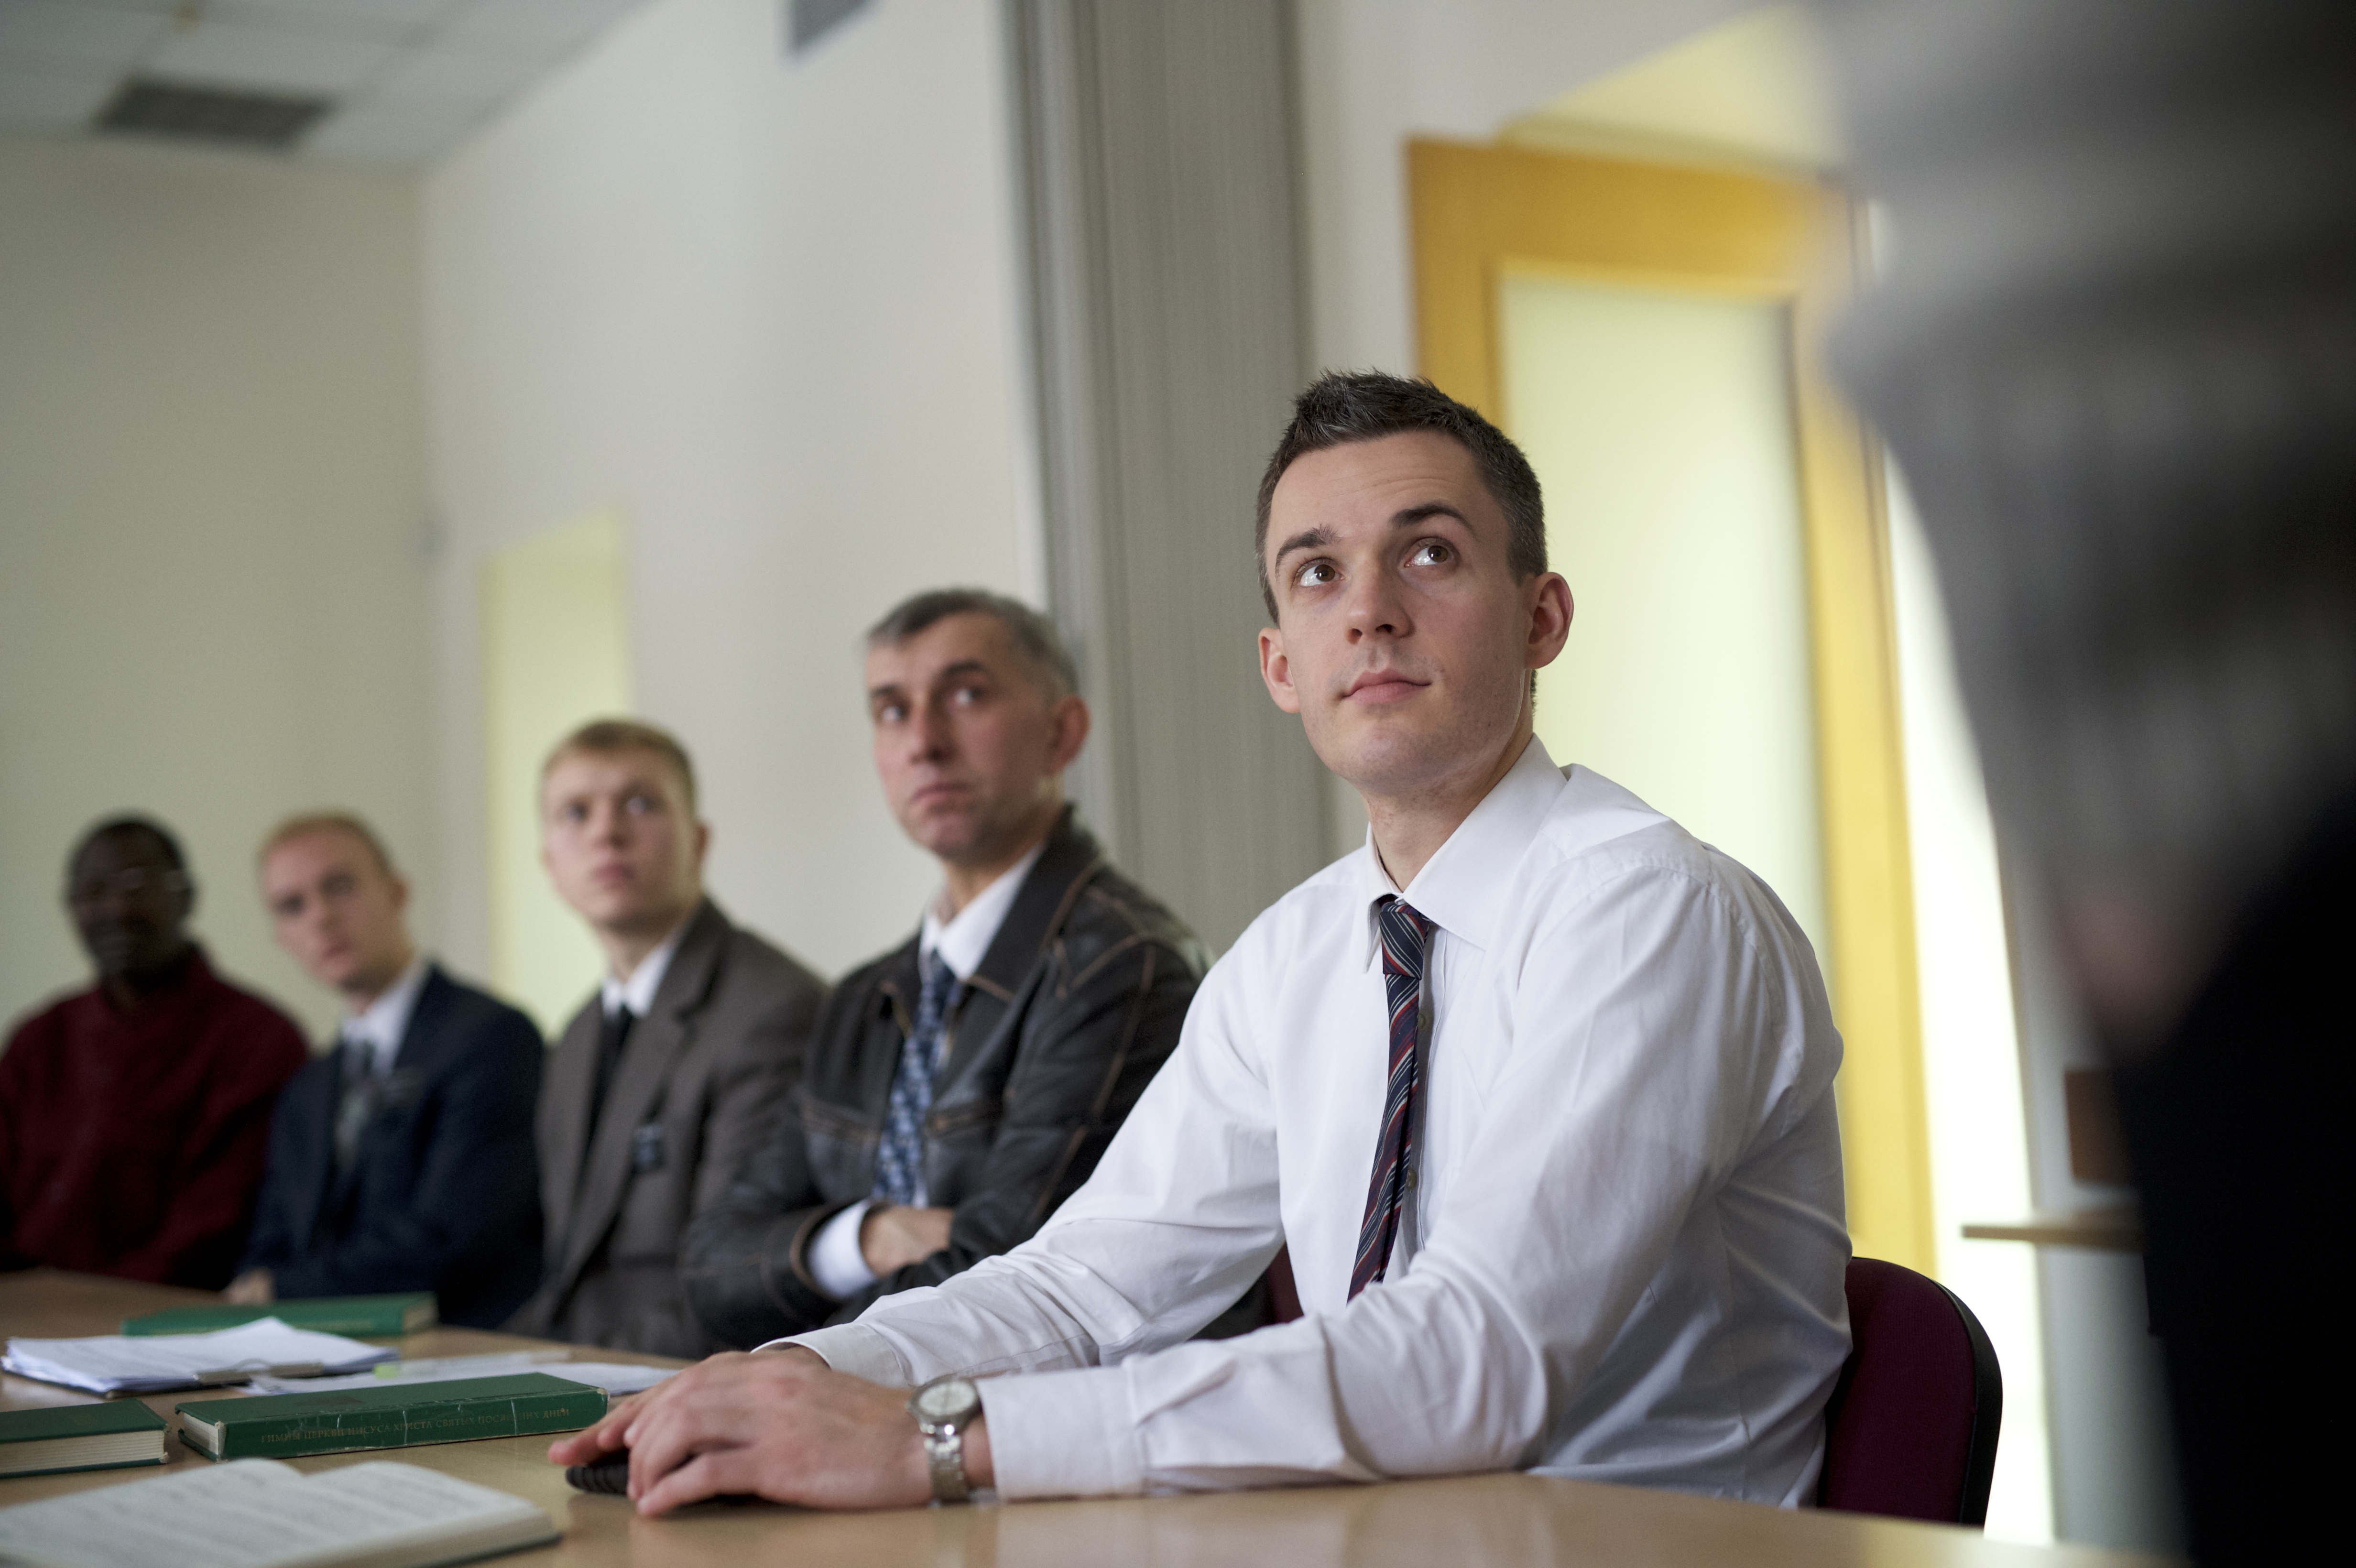 A group of men attending priesthood quorum meetings.